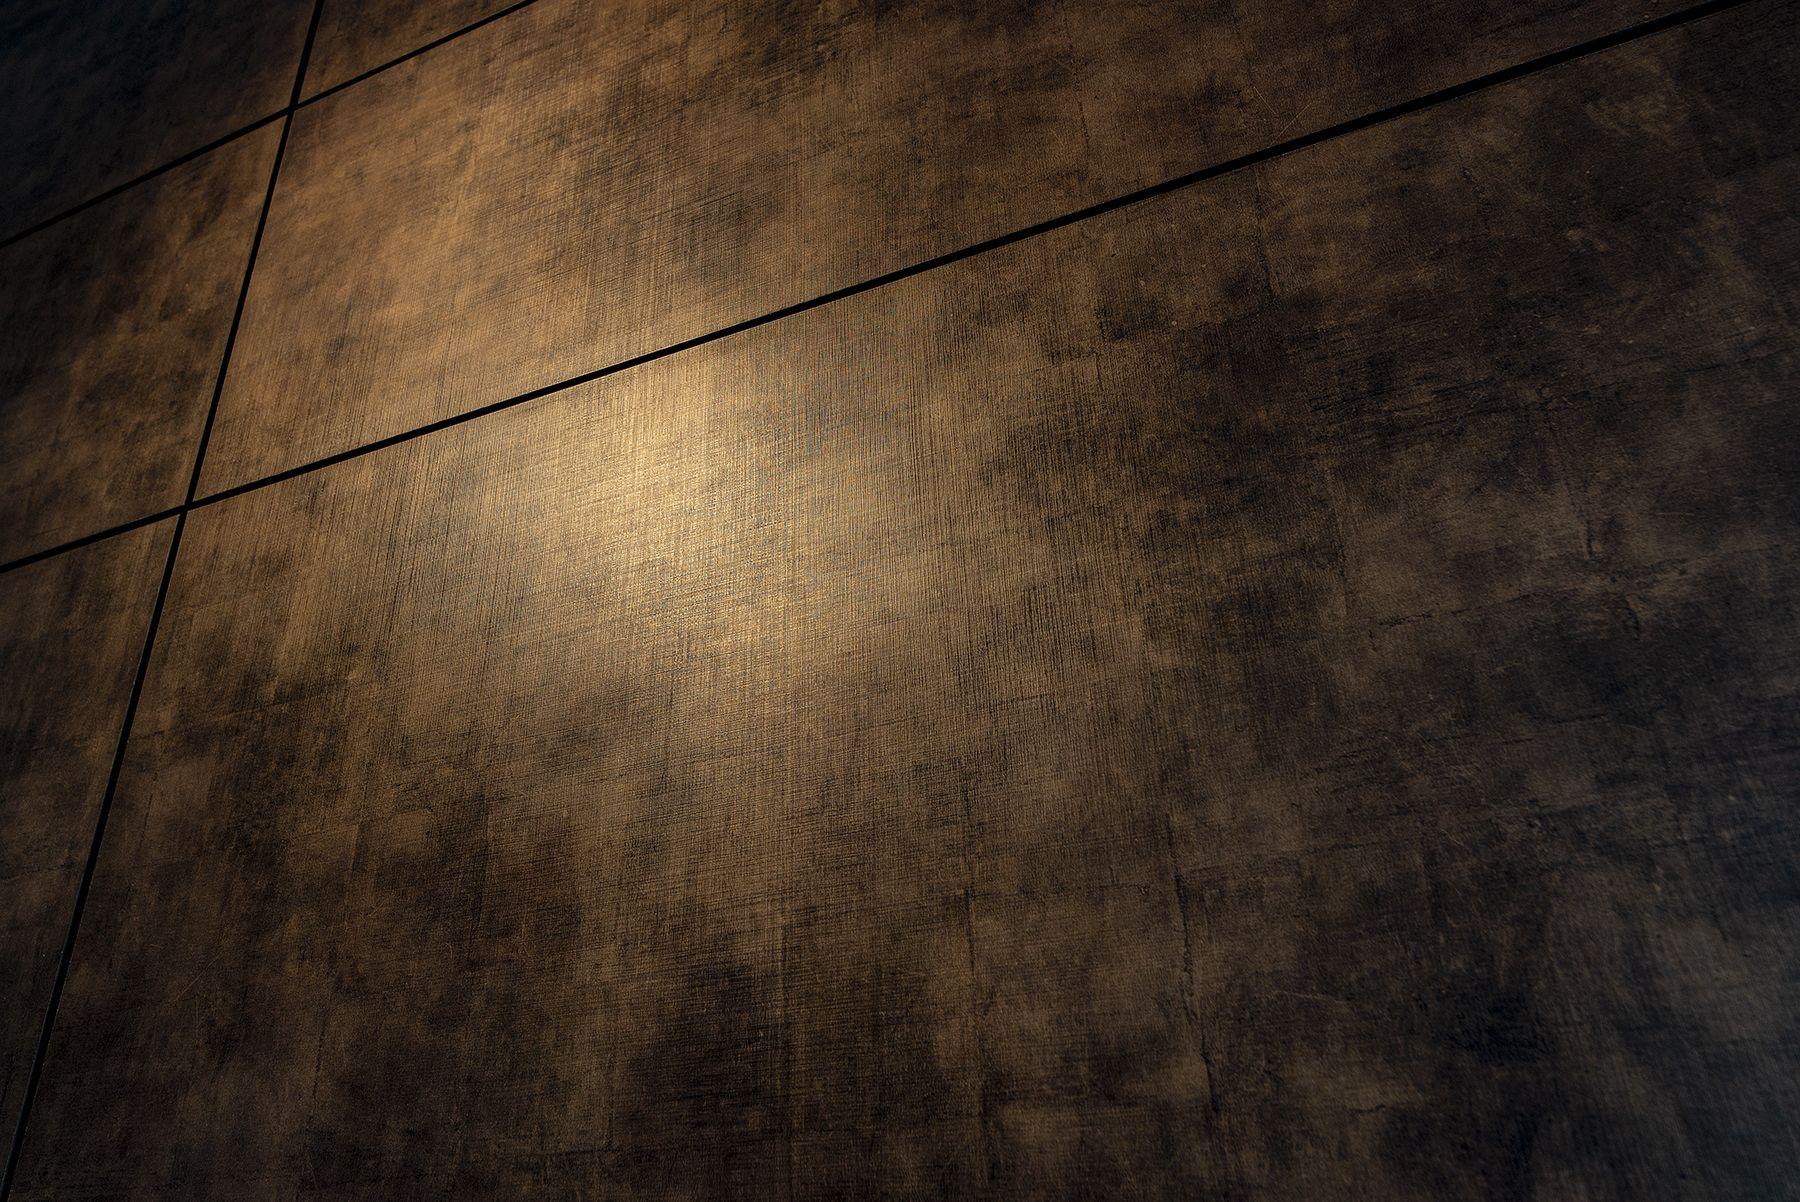 Plyta Meblowa Cleaf Penelope Z Kolekcji Forner W Kolorze Miedzianym Zostala Zastosowana Jako Okladzina Meblowa Painting Hardwood Hardwood Floors